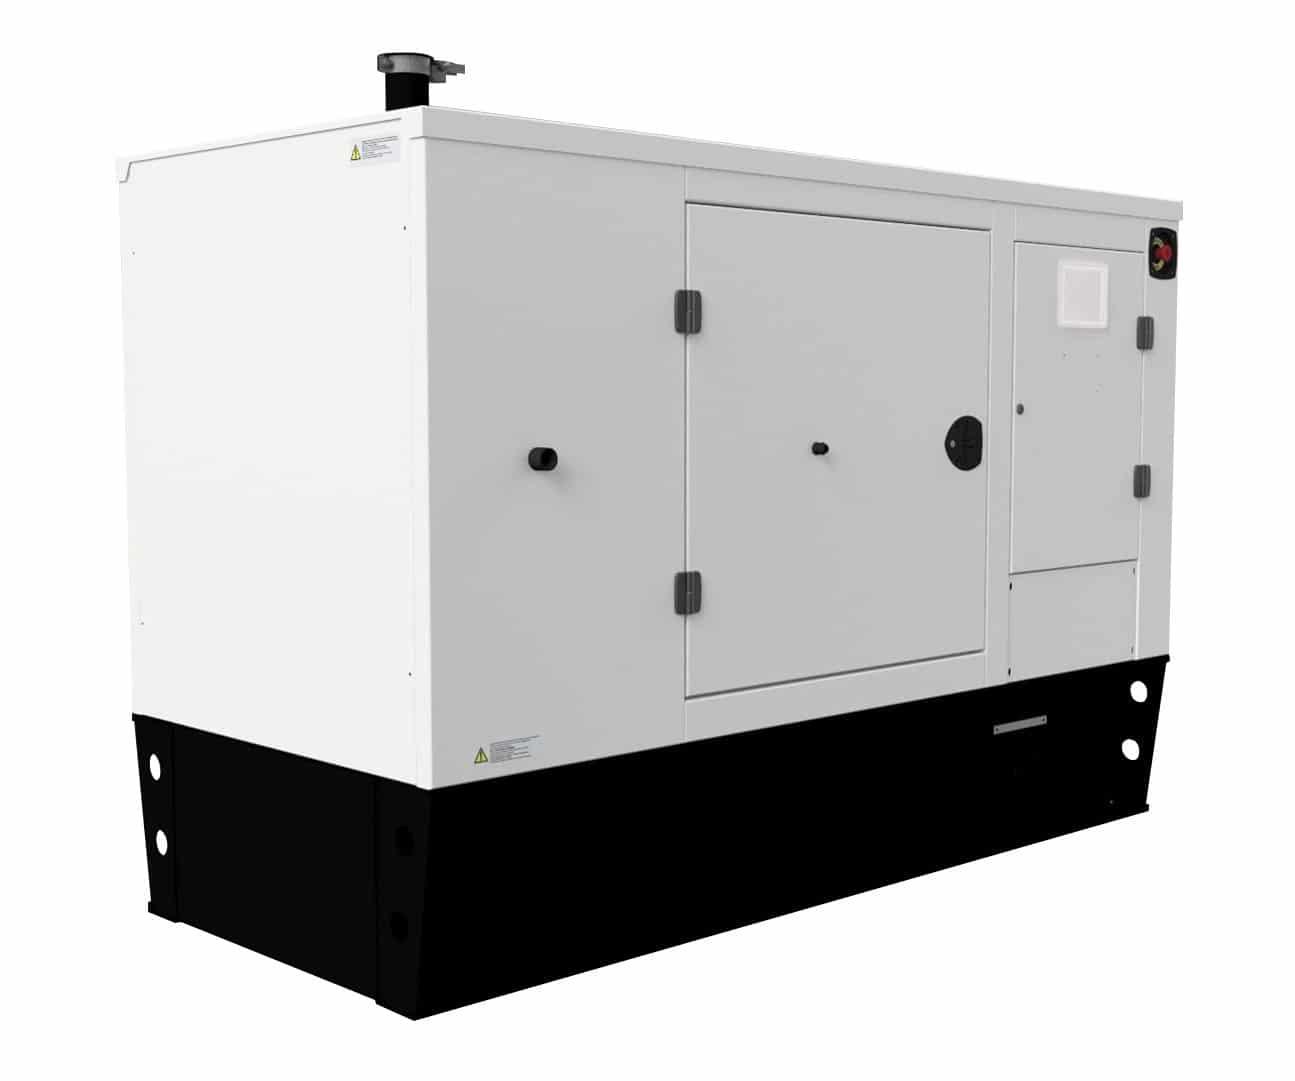 Perkins Stamford Silent Diesel Generator